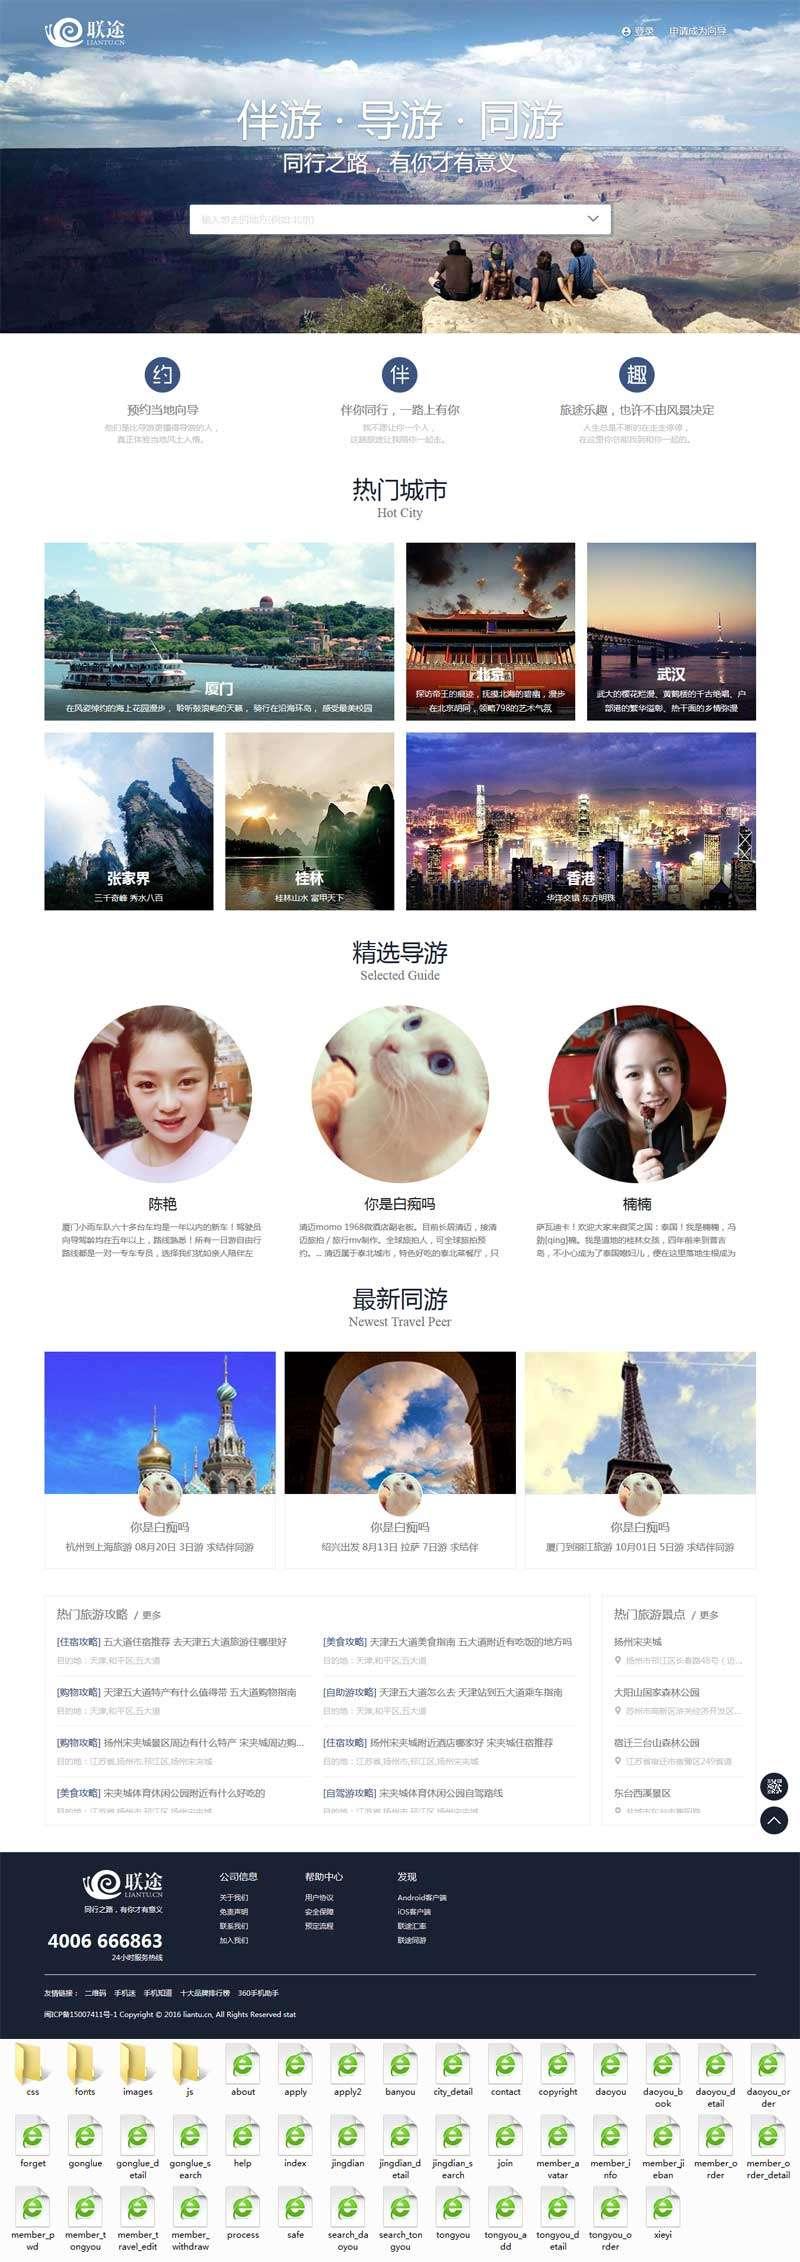 联途旅游网服务平台网站HTML模板